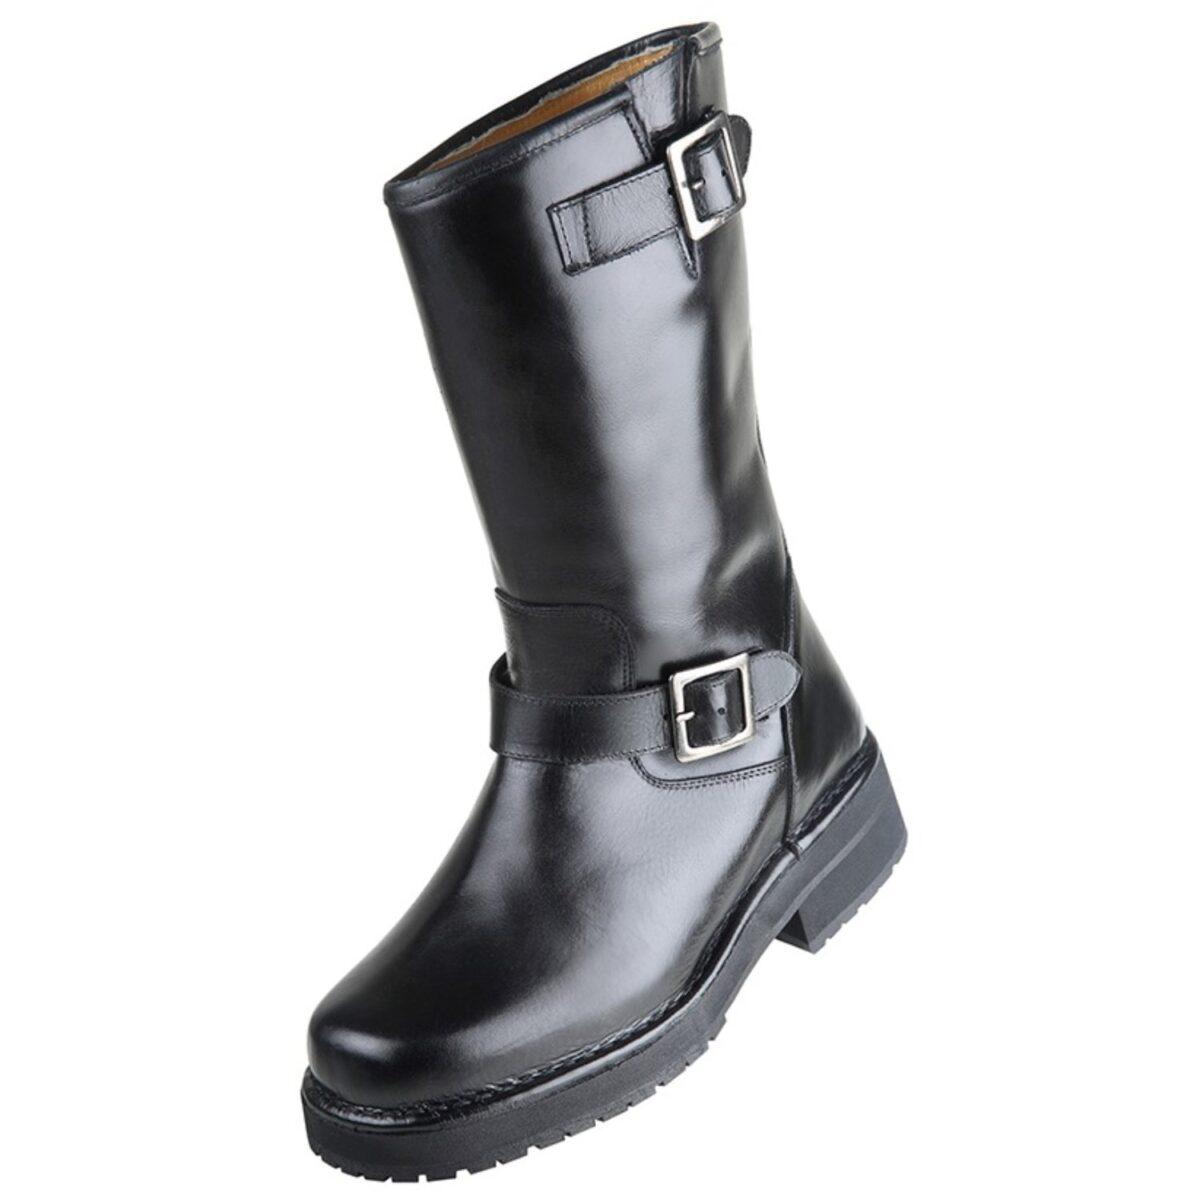 Zapatos con Alzas modelo 9000 Nc - HiPlus